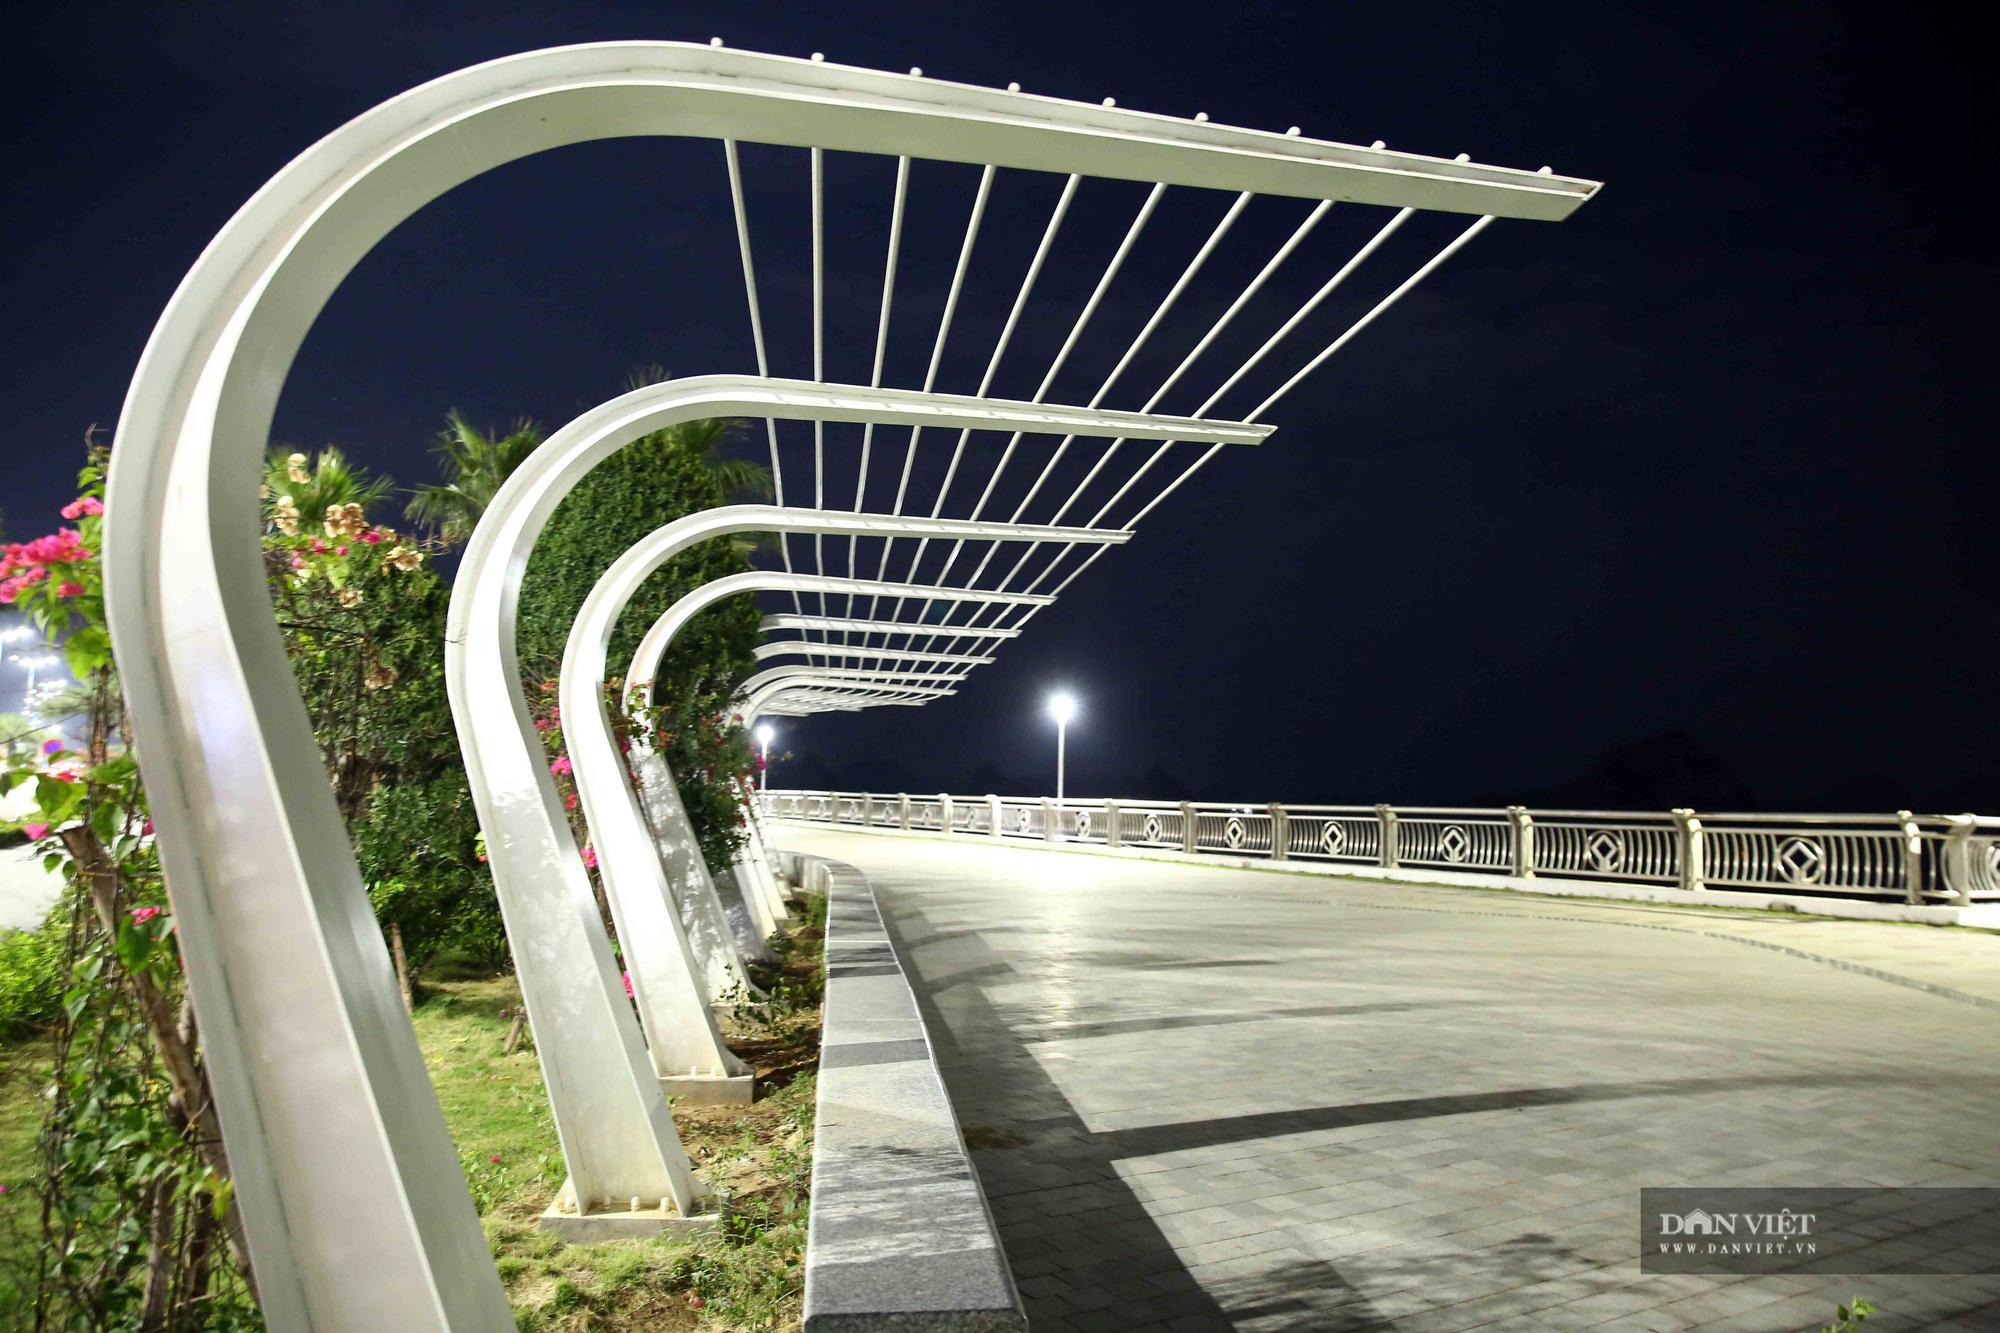 Con đường bao biển nghìn tỷ tuyệt đẹp tại vịnh Hạ Long - Ảnh 13.